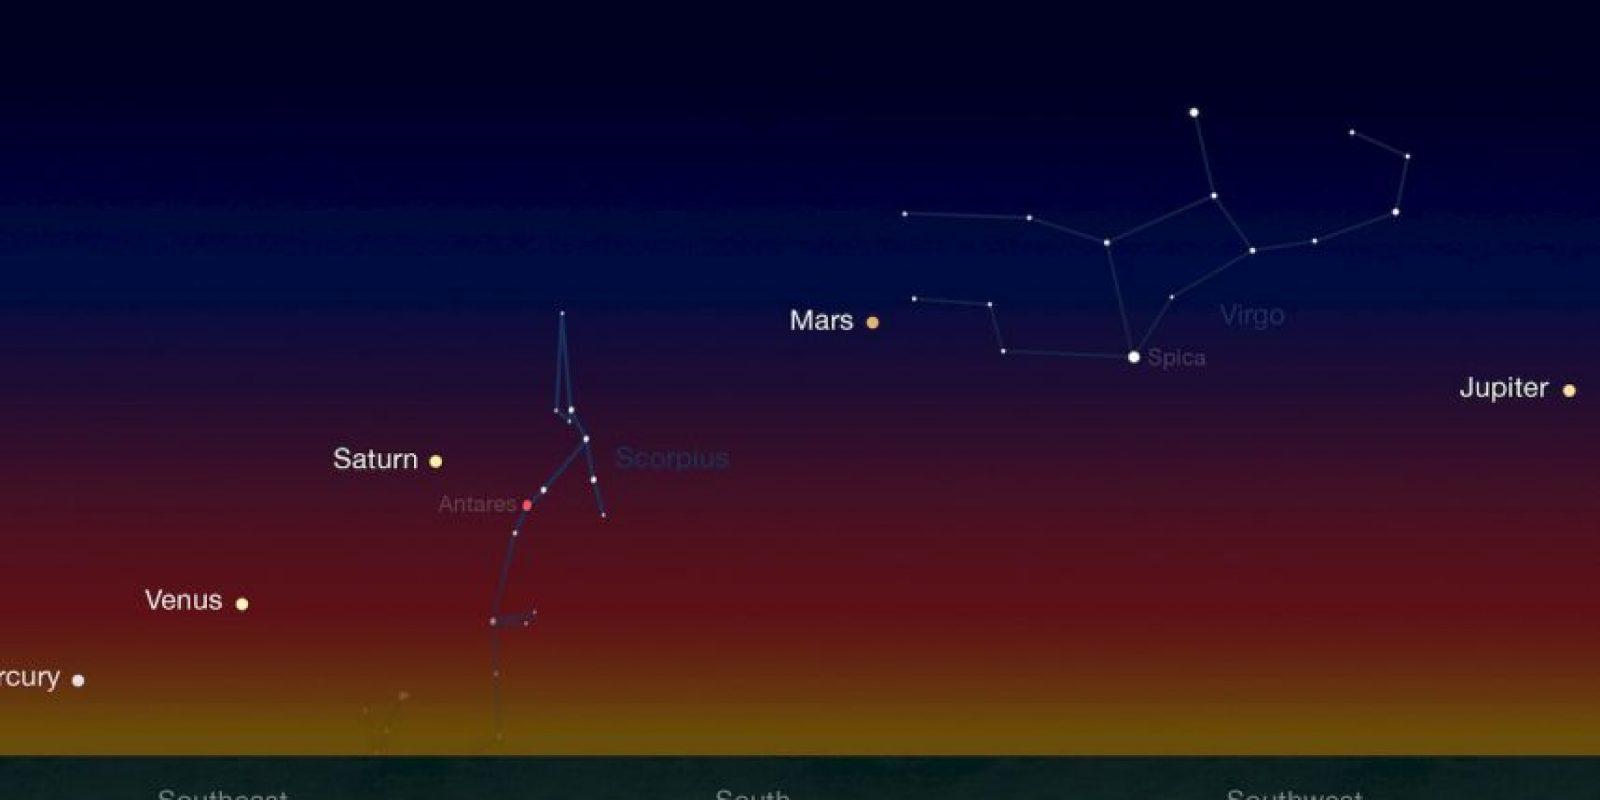 Gráfico de la NASA que muestra cómo se verían los planetas alineados en enero pasado Foto:NASA.gov